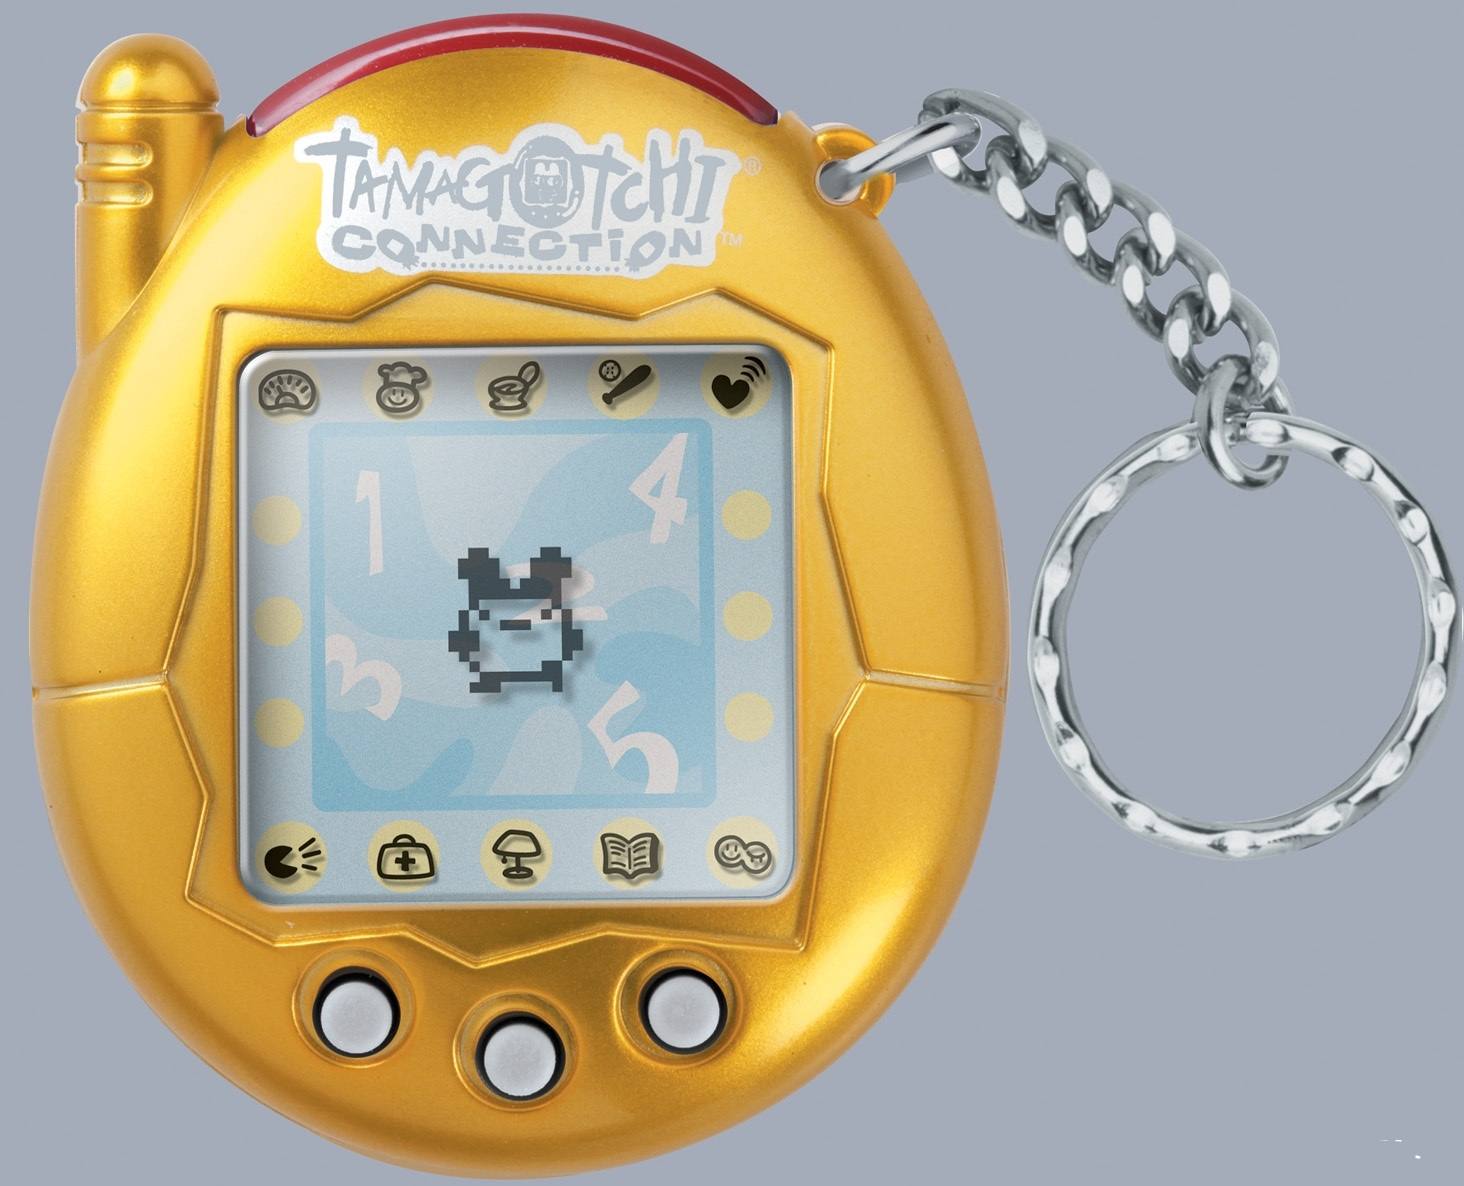 Objetos tecnológicos que tus hijos no usarán nunca